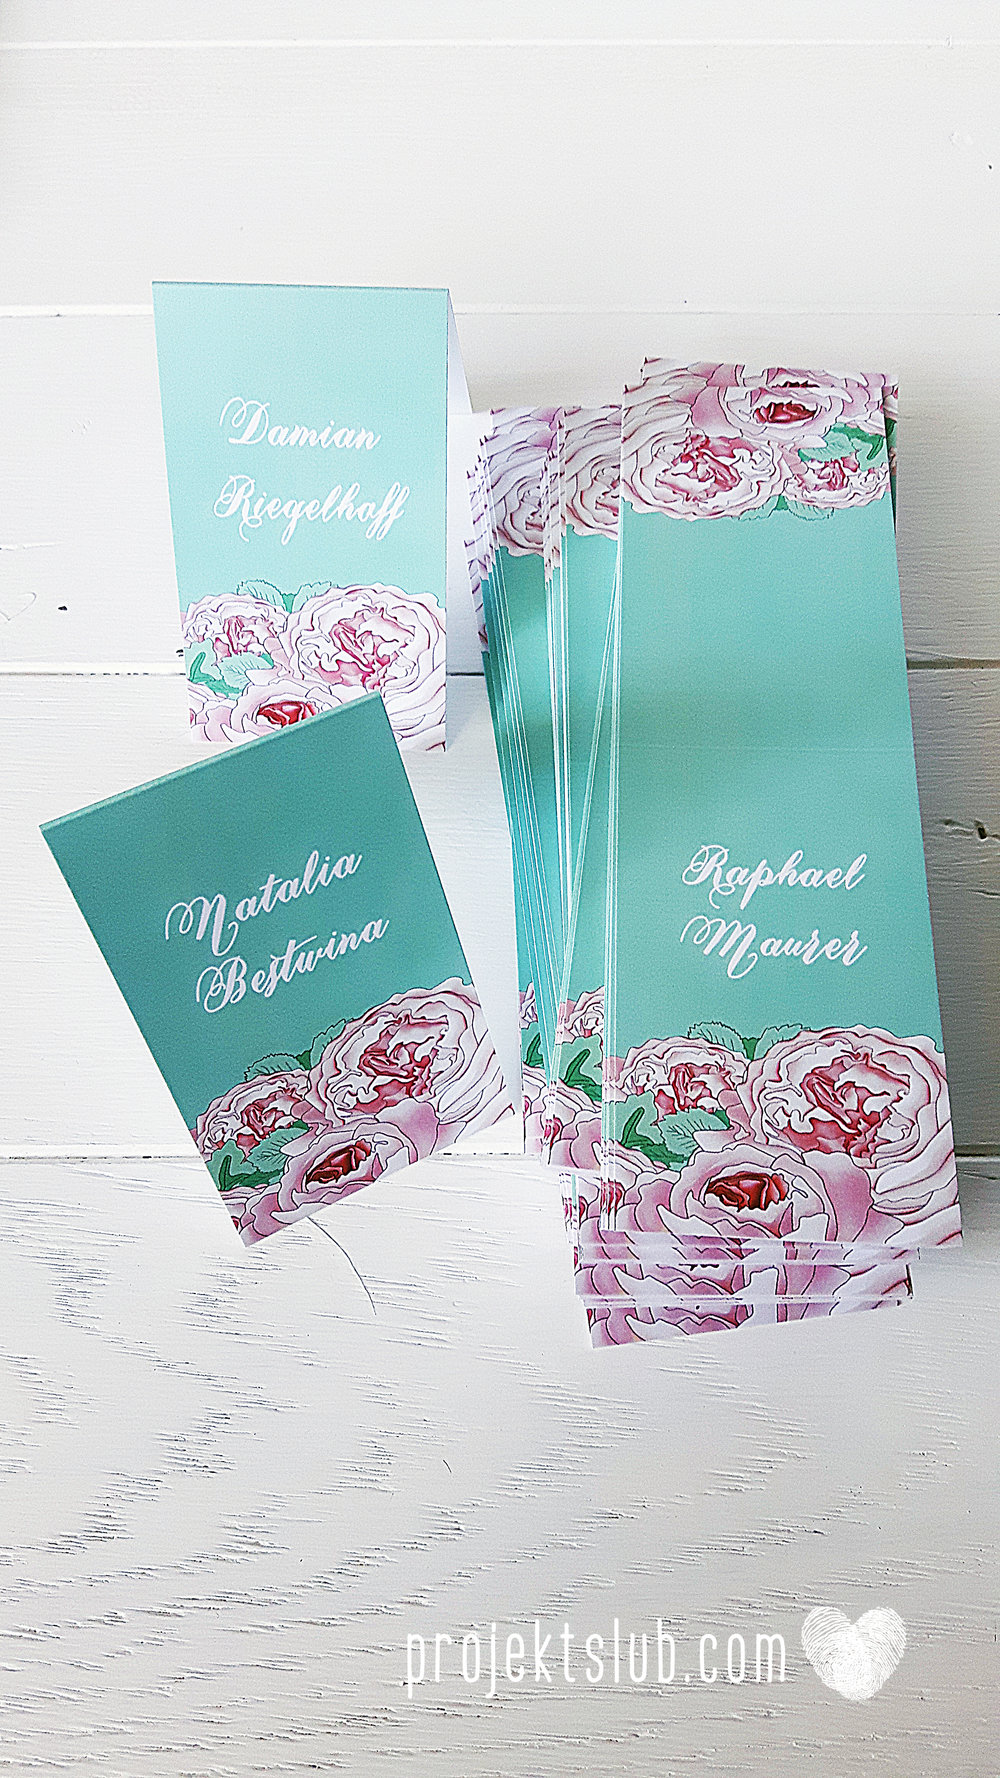 Zaproszenia  ślubne pasteove kwiaty ze wstążką wyjątkowe oryginalne najpiękniejsza papeteria ślubna mięta róż Projekt Ślub (11).jpg